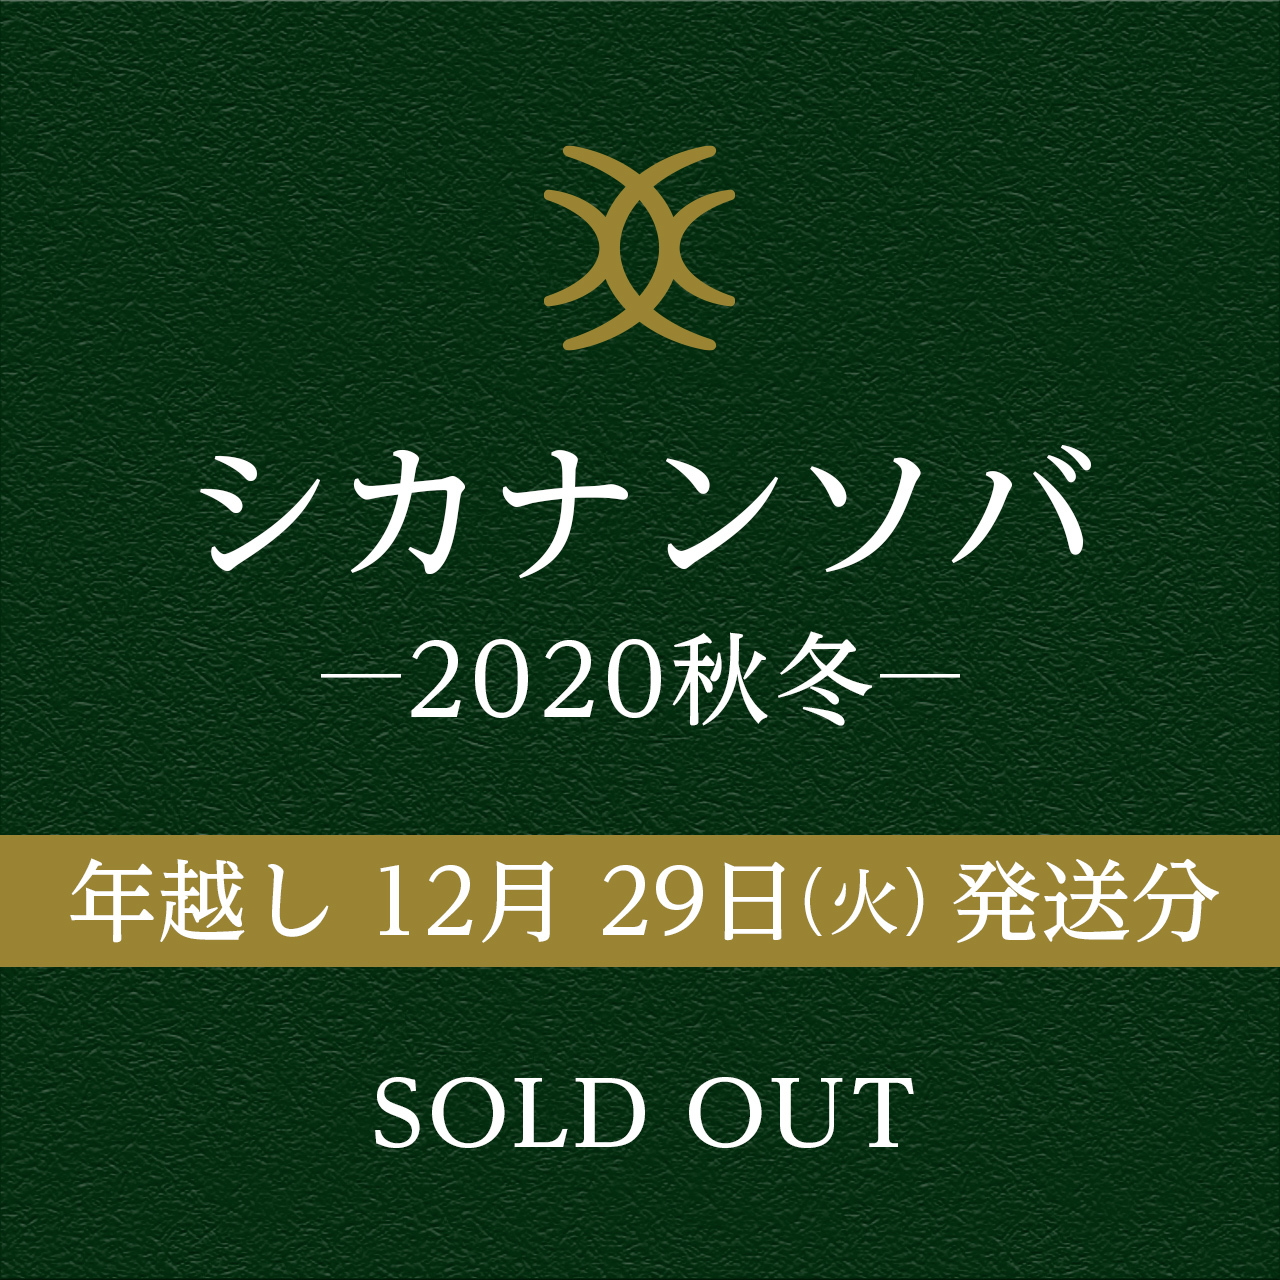 【予約・限定20セット】シカナンソバ ―2020秋冬―/年越し蕎麦 12月29日(火)発送